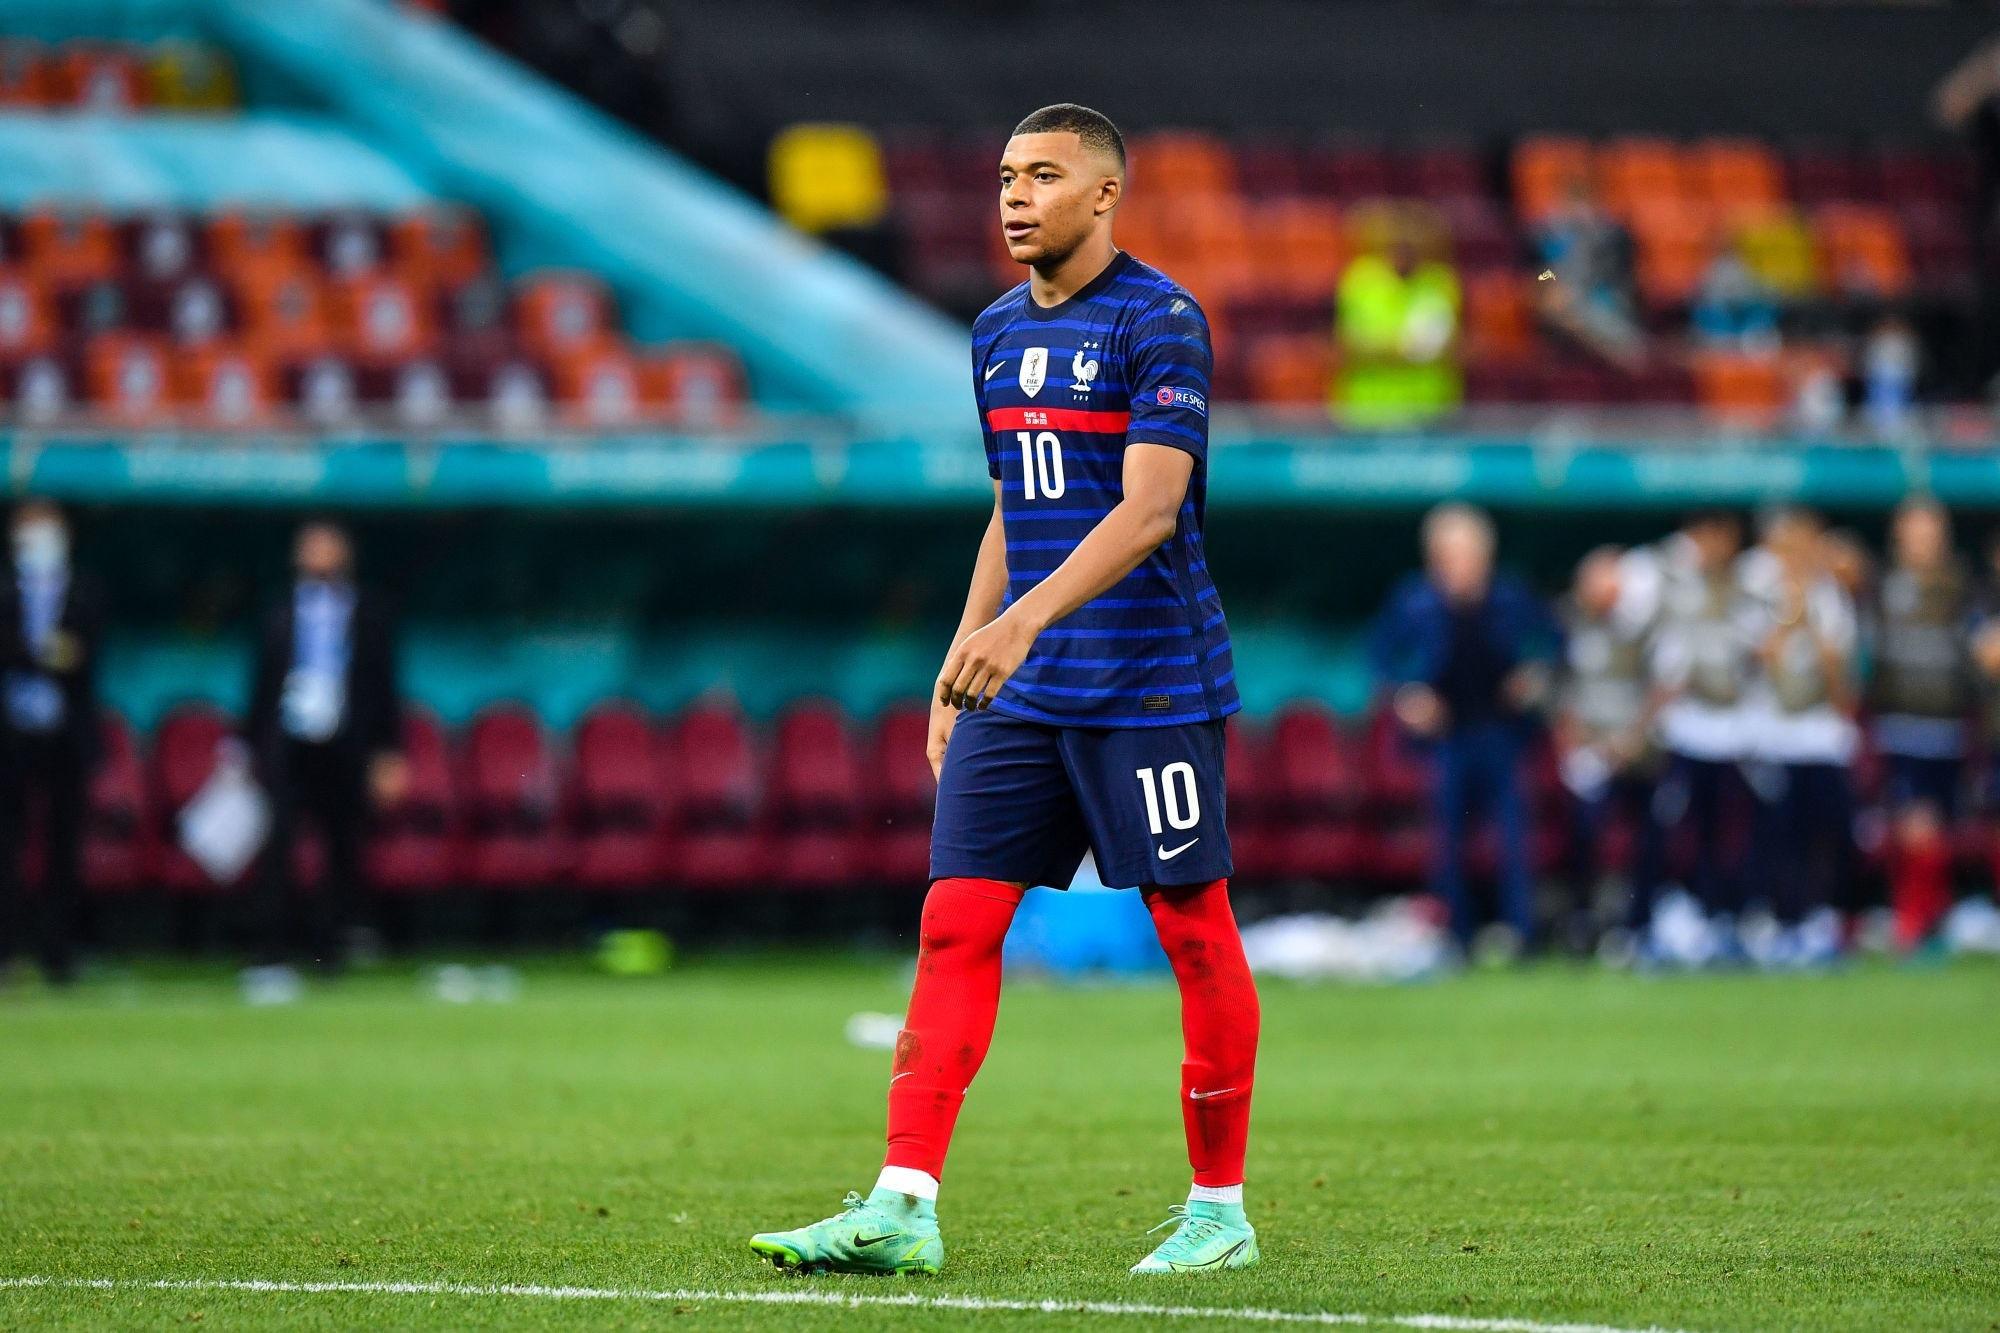 """Mbappé veut jouer les JO 2024 """"quitte à l'inclure dans mon contrat"""""""